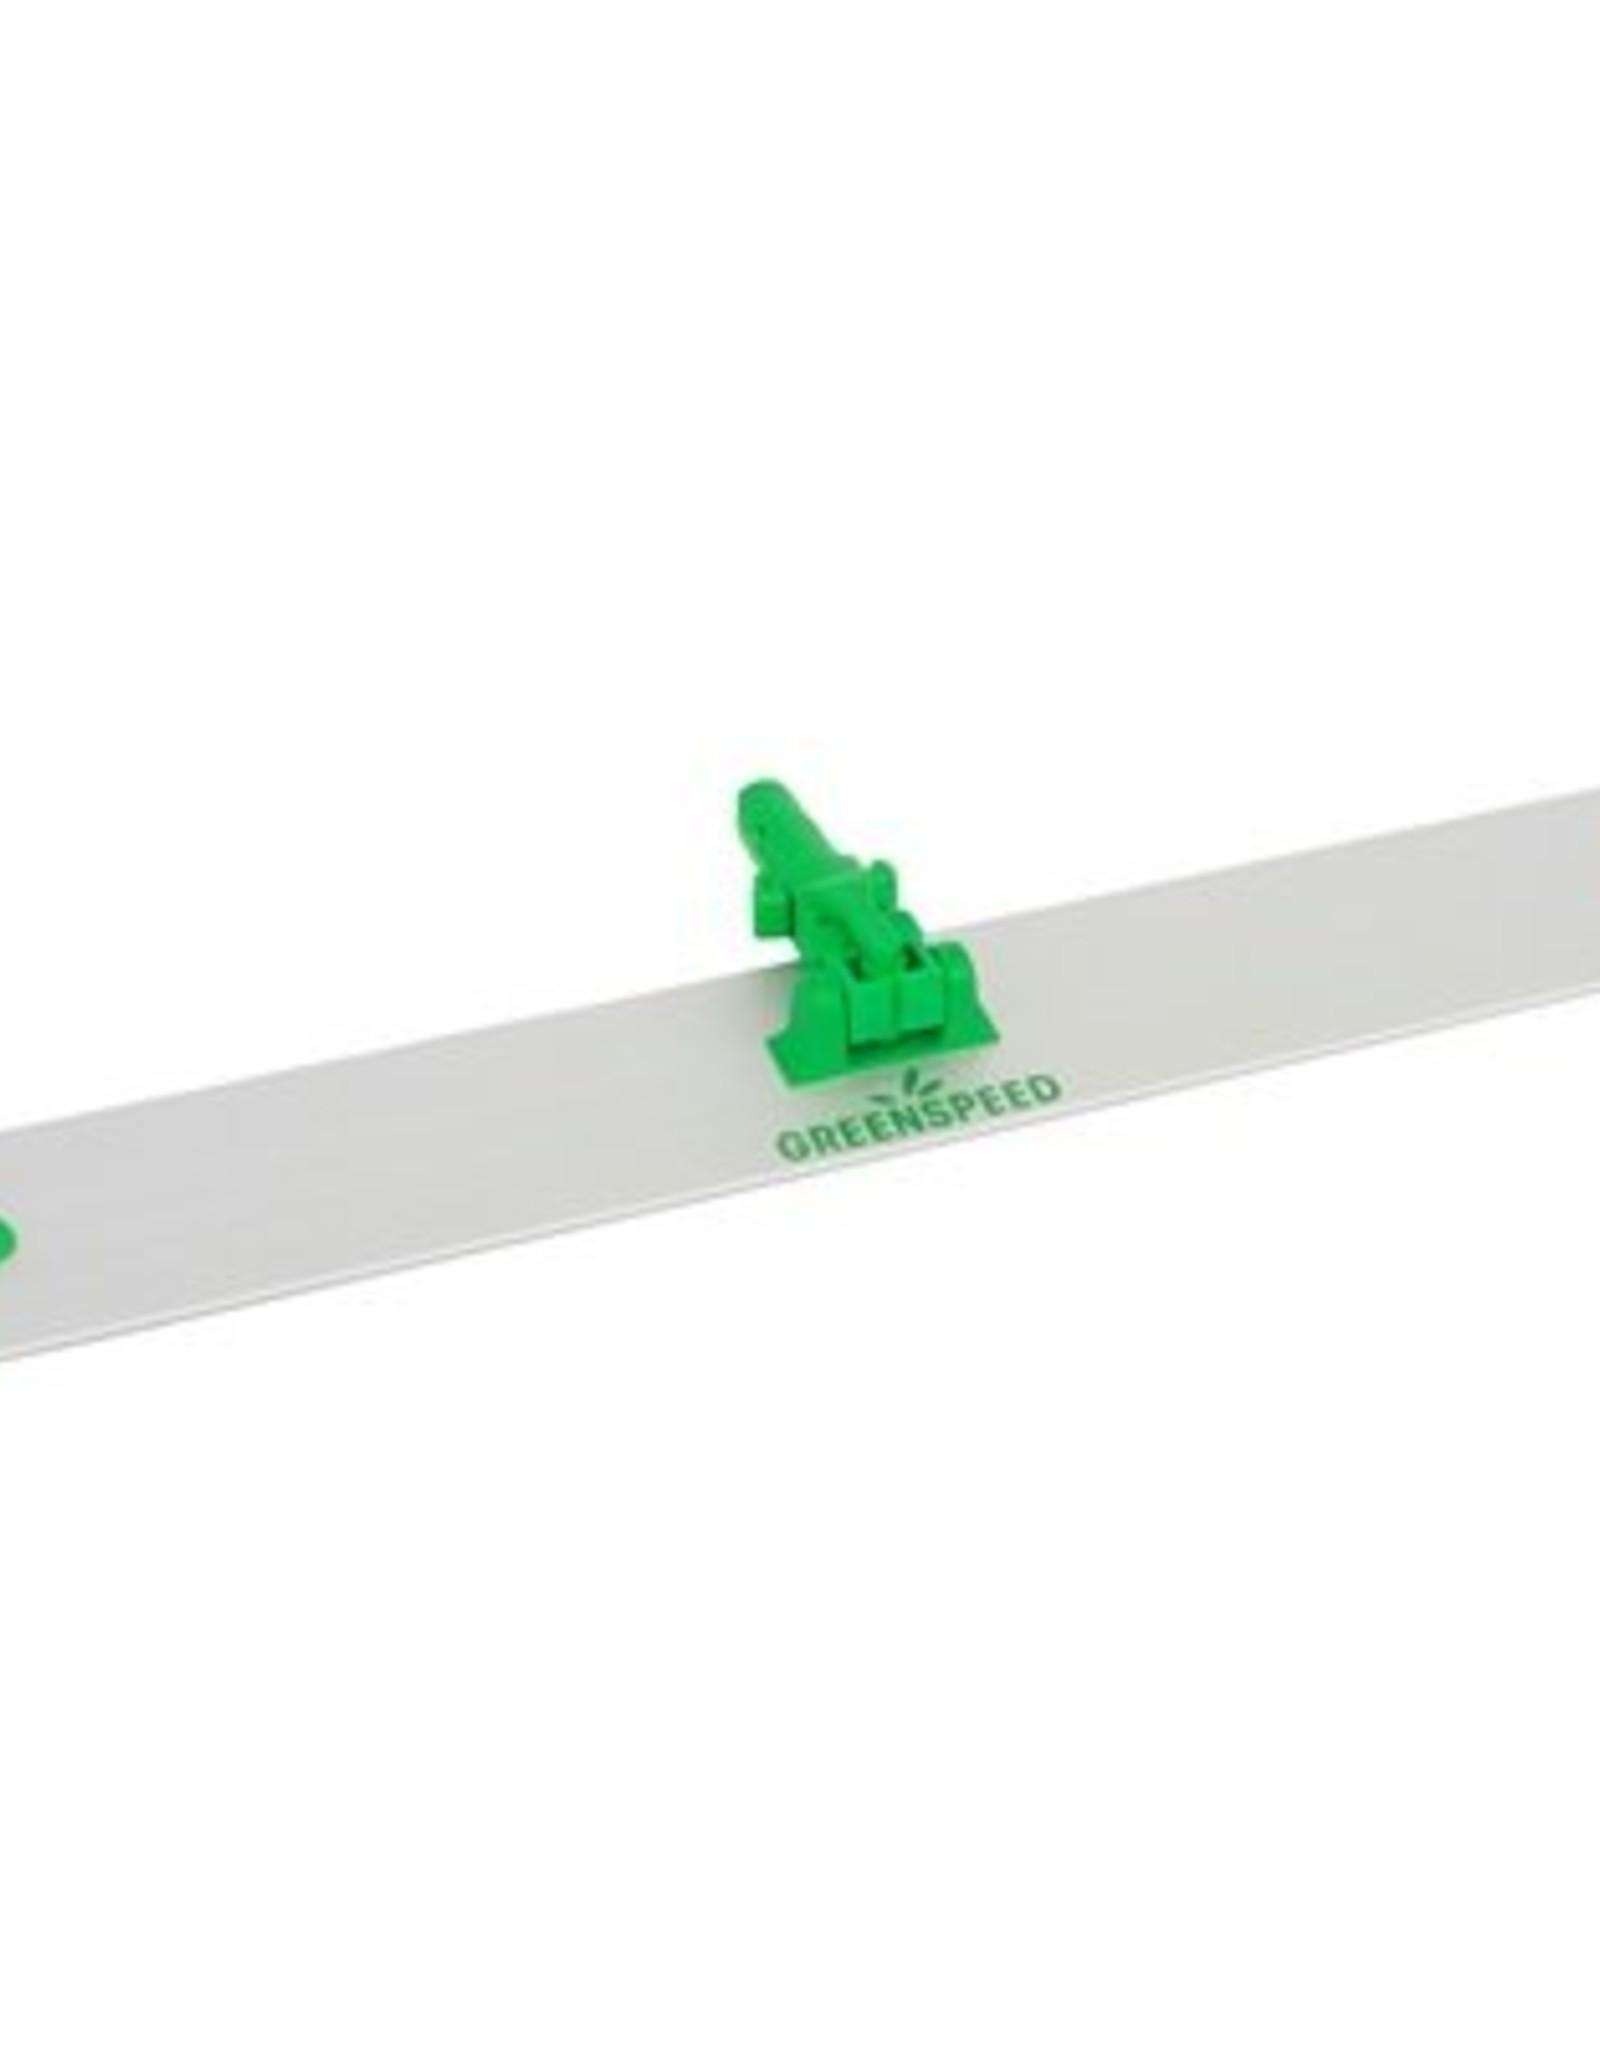 Greenspeed Vlakmopplaat Velcro, past op elke Greenspeed steel